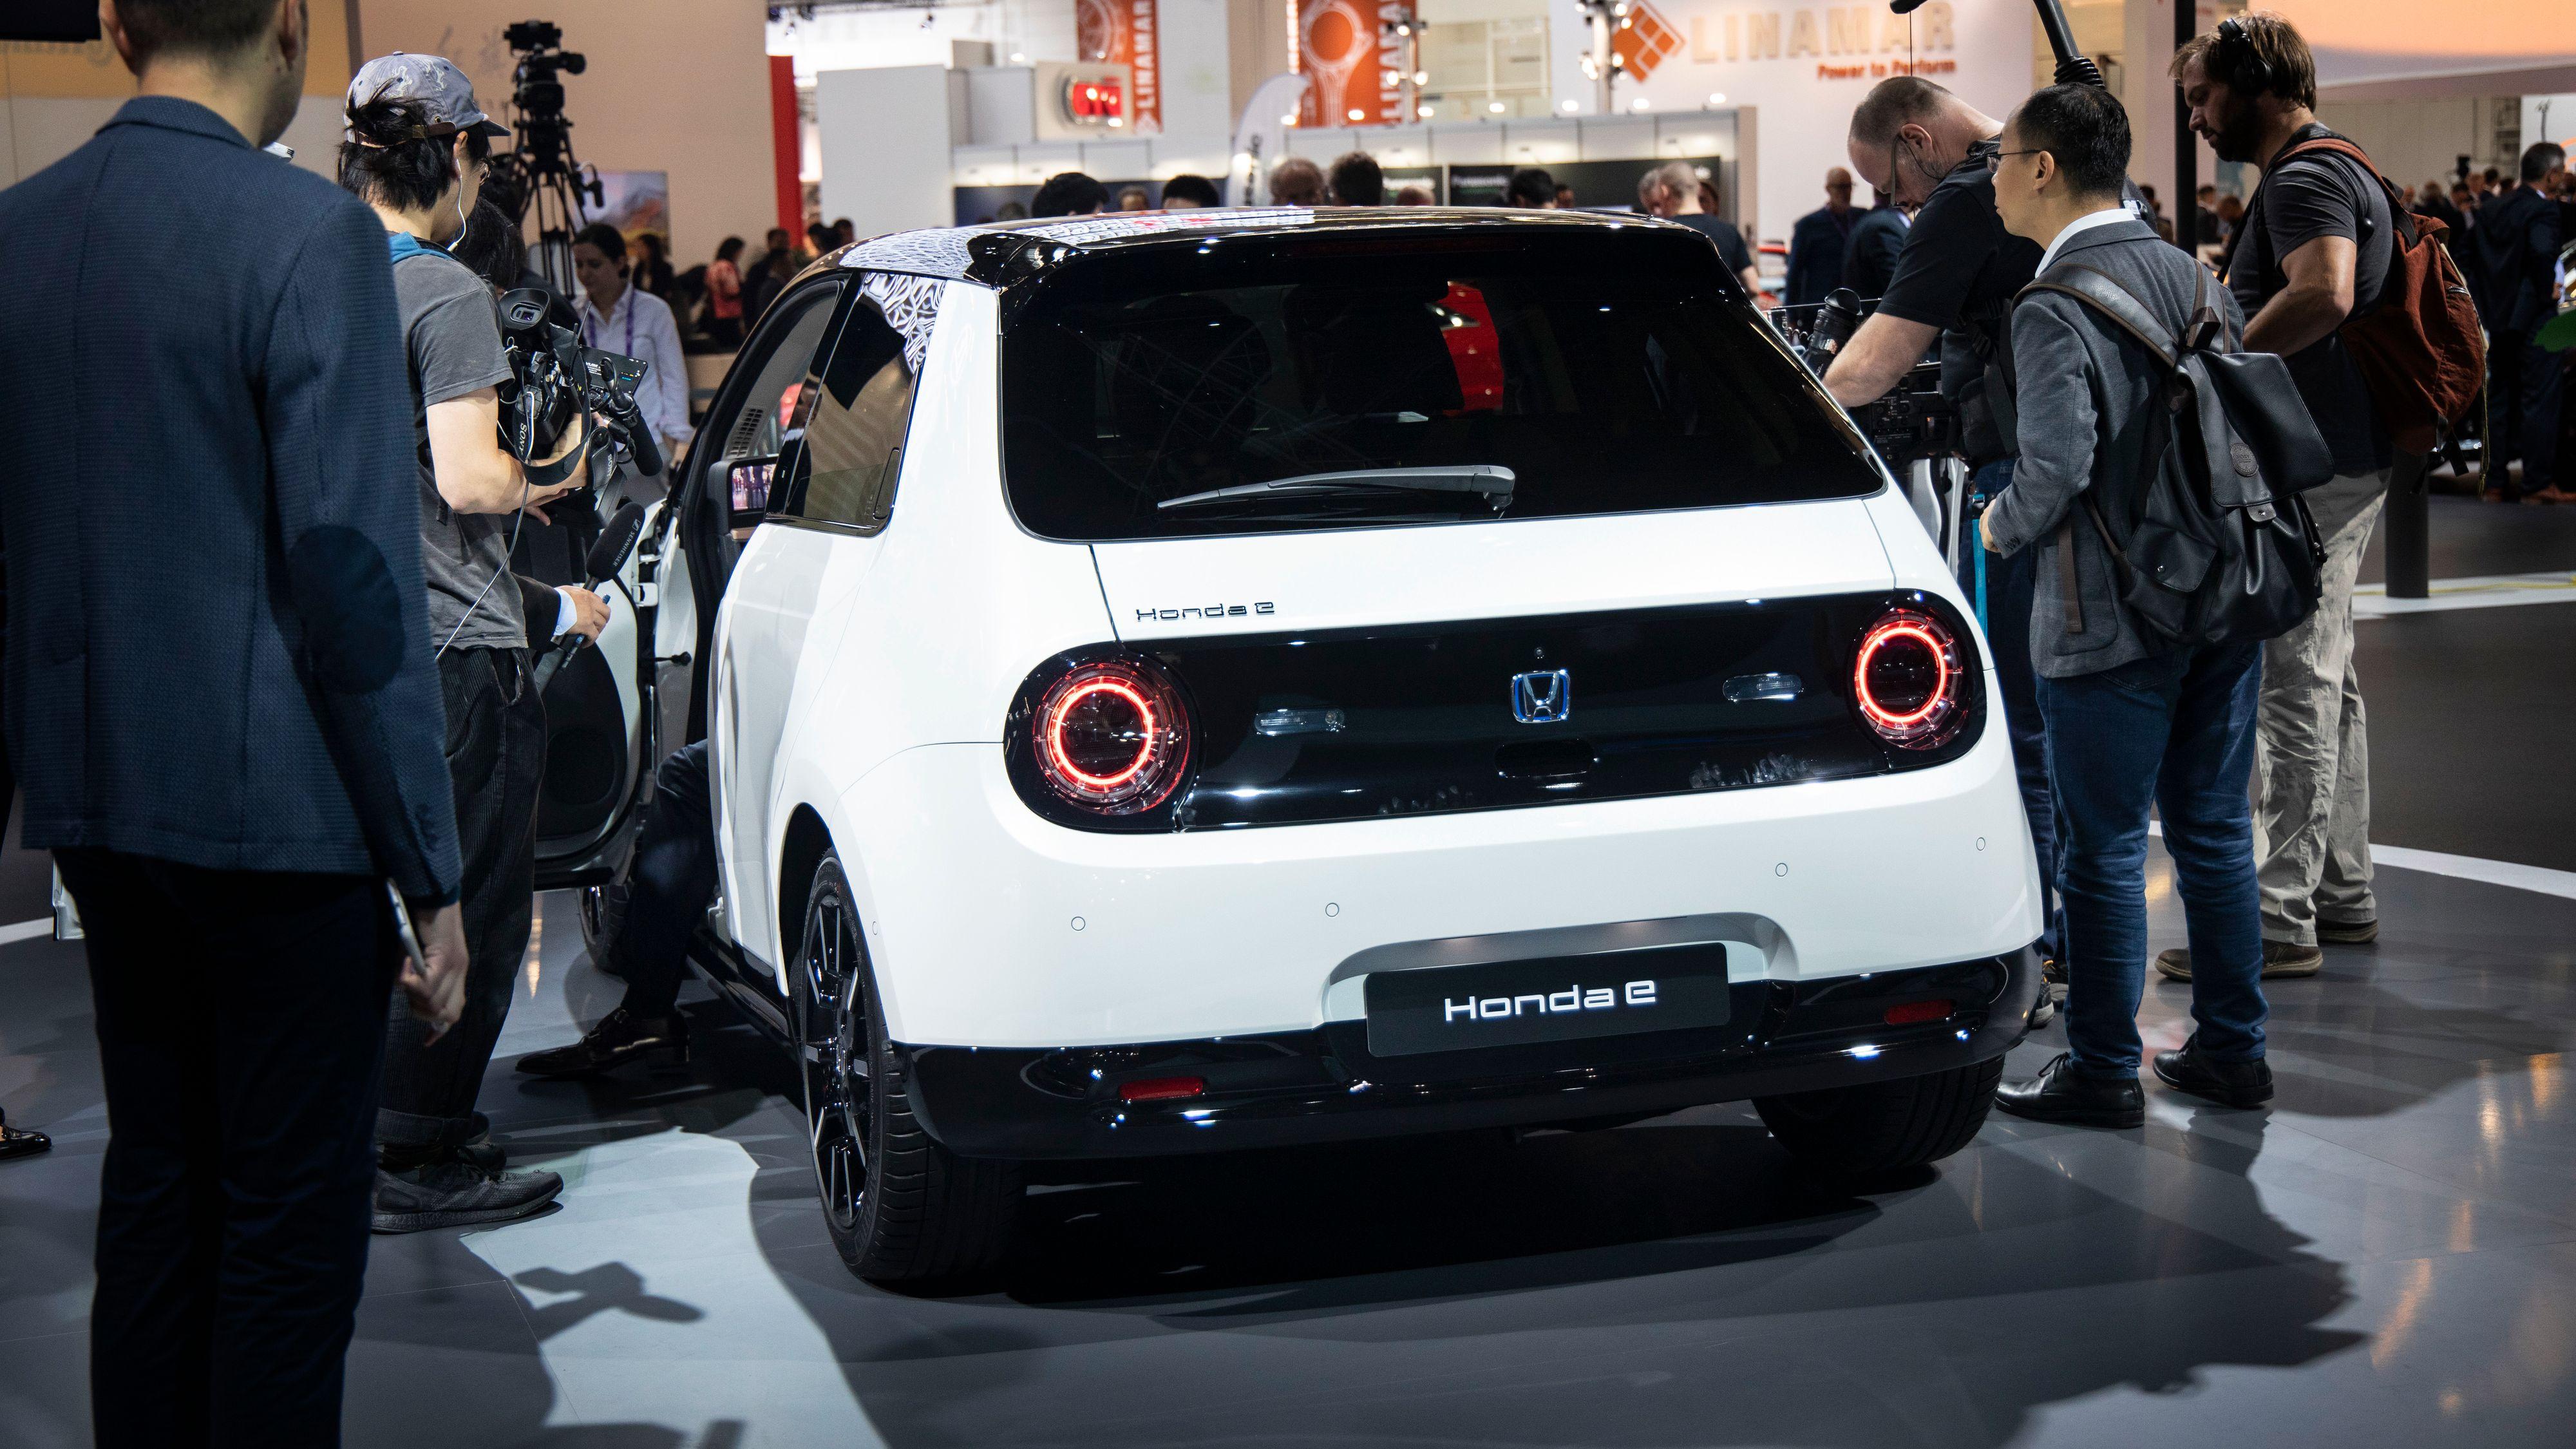 Linjene fra Hondas «Urban Concept» er i stor grad beholdt, men noen vil muligens synes Honda har rundet dem av litt i overkant.